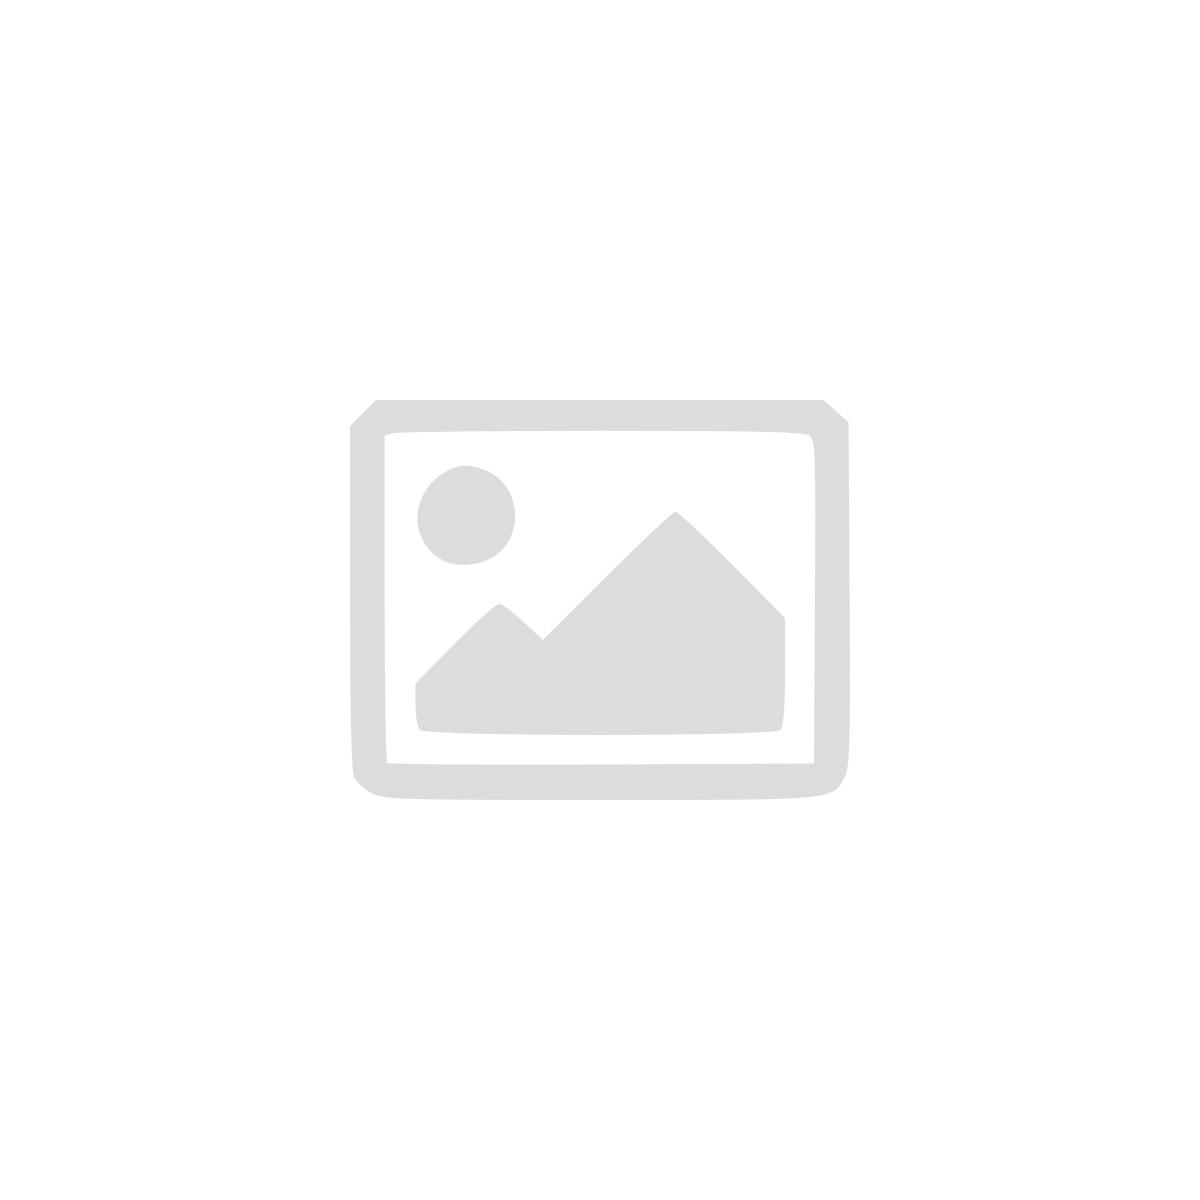 e-bike pieghevole uragano pompei nero